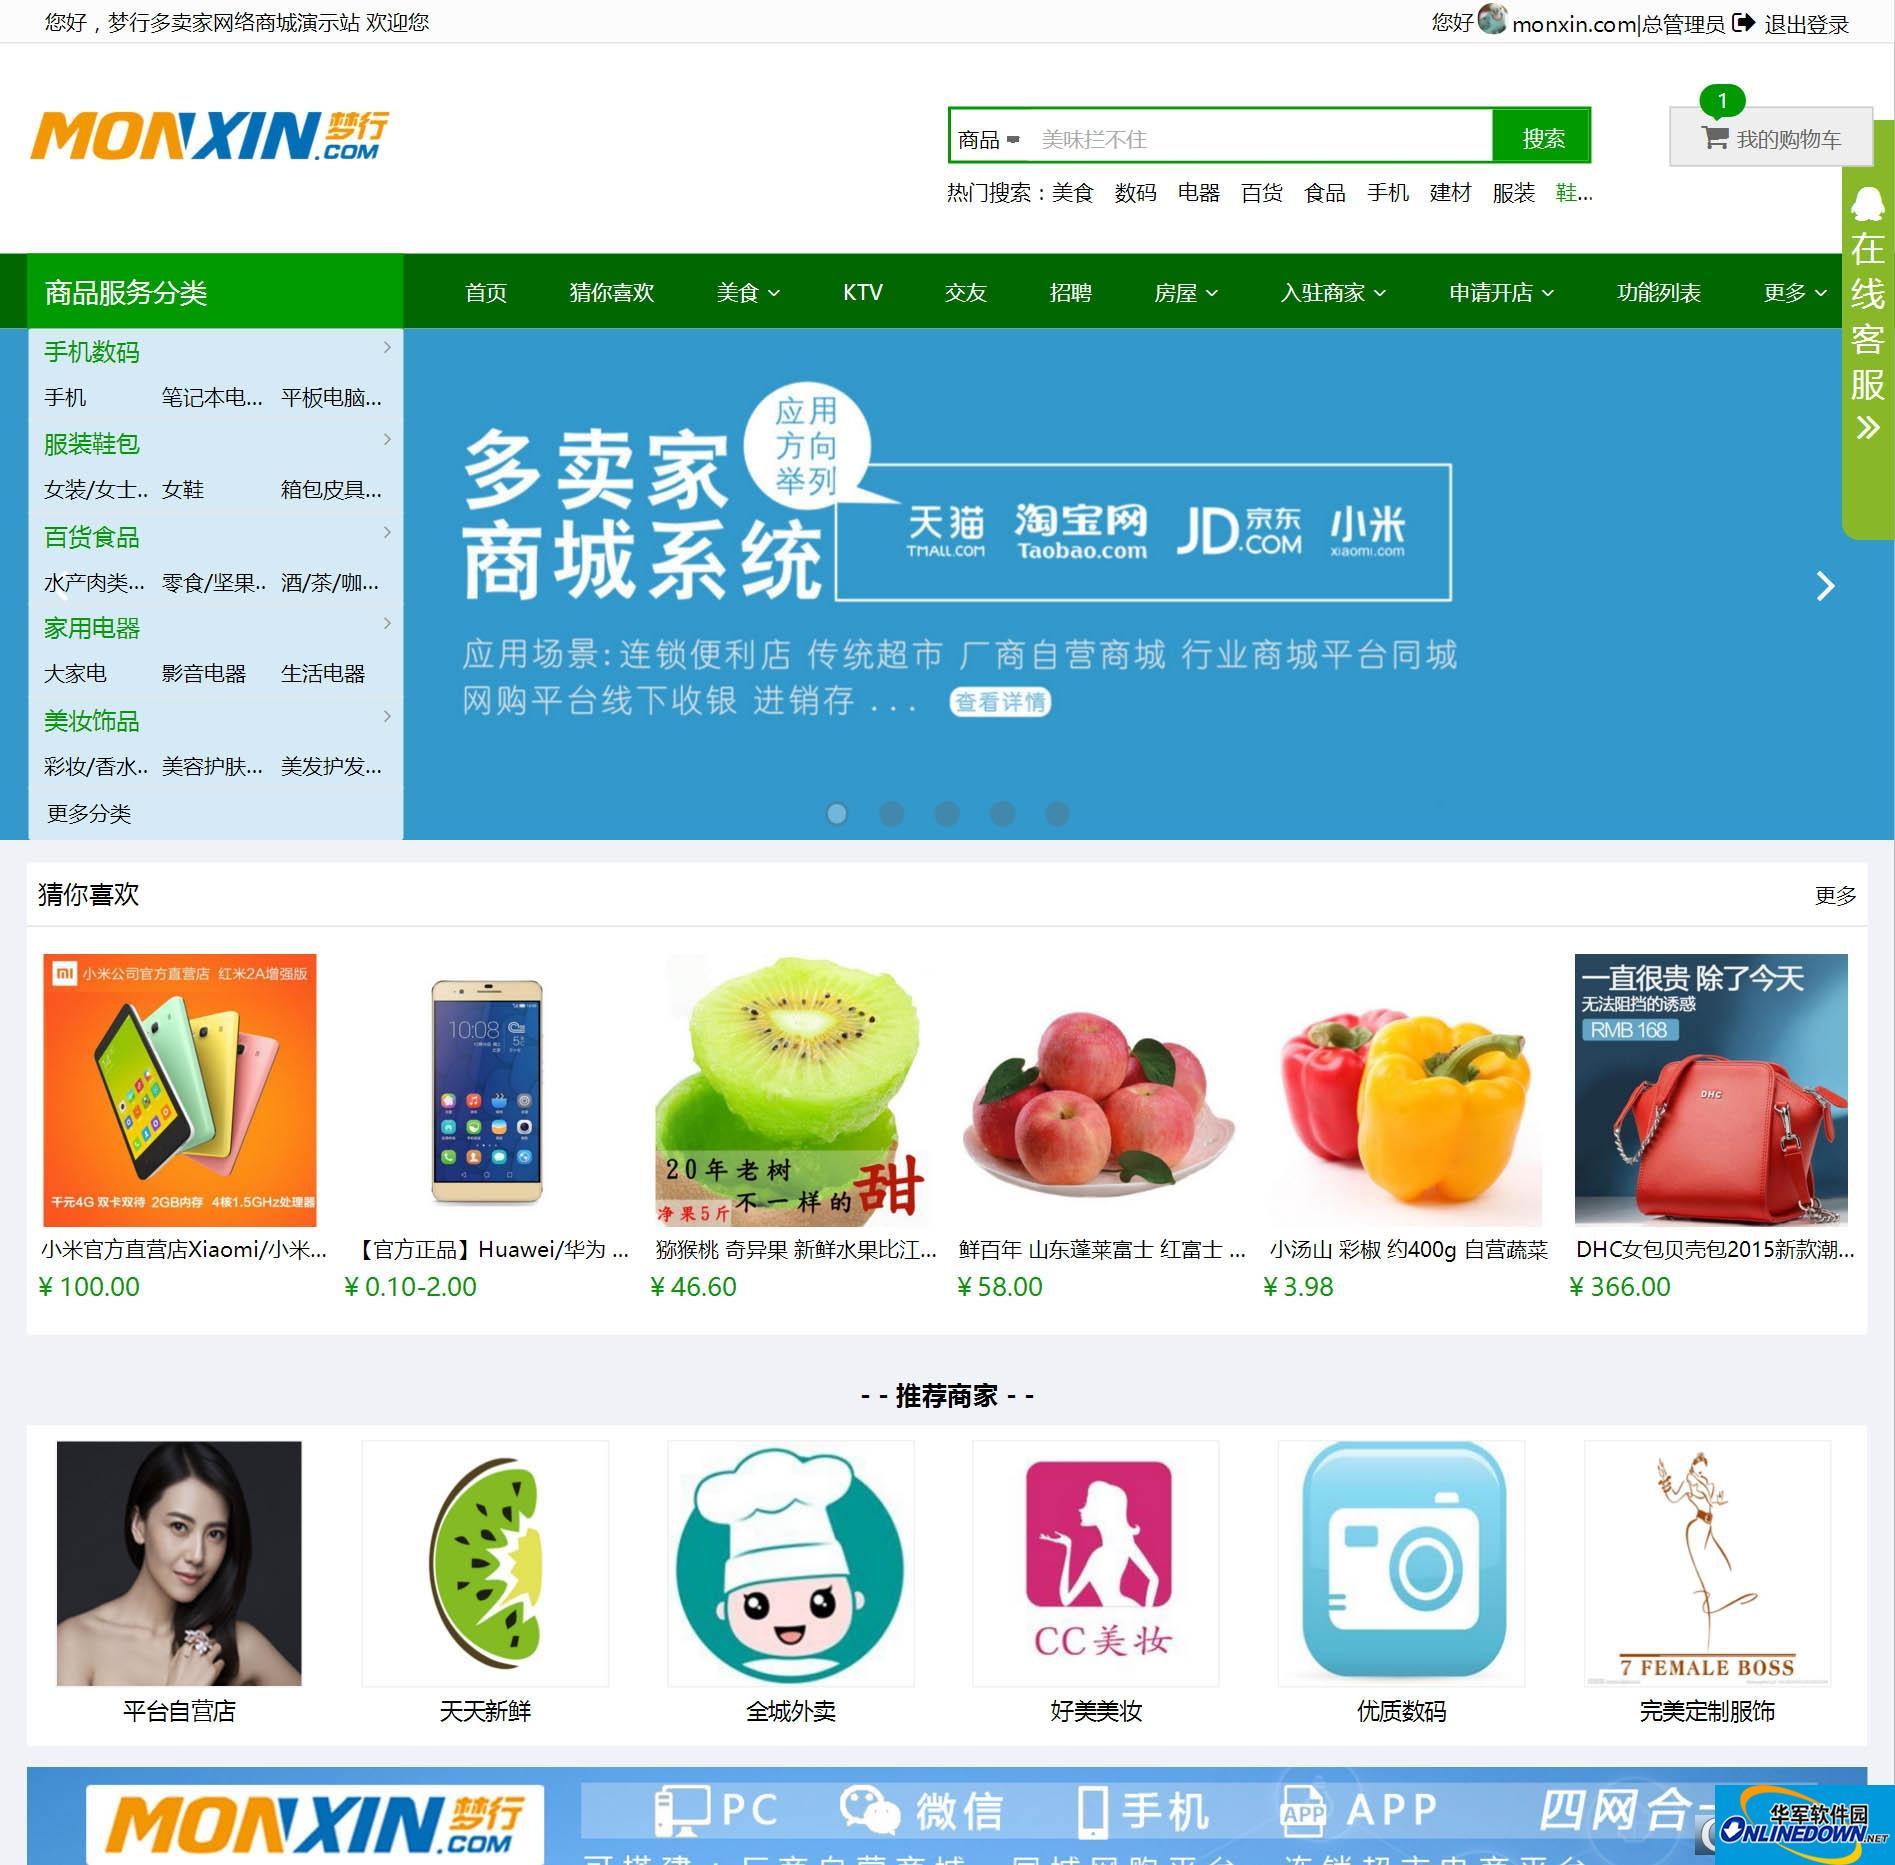 梦行Monxin全网通多商户商城系统